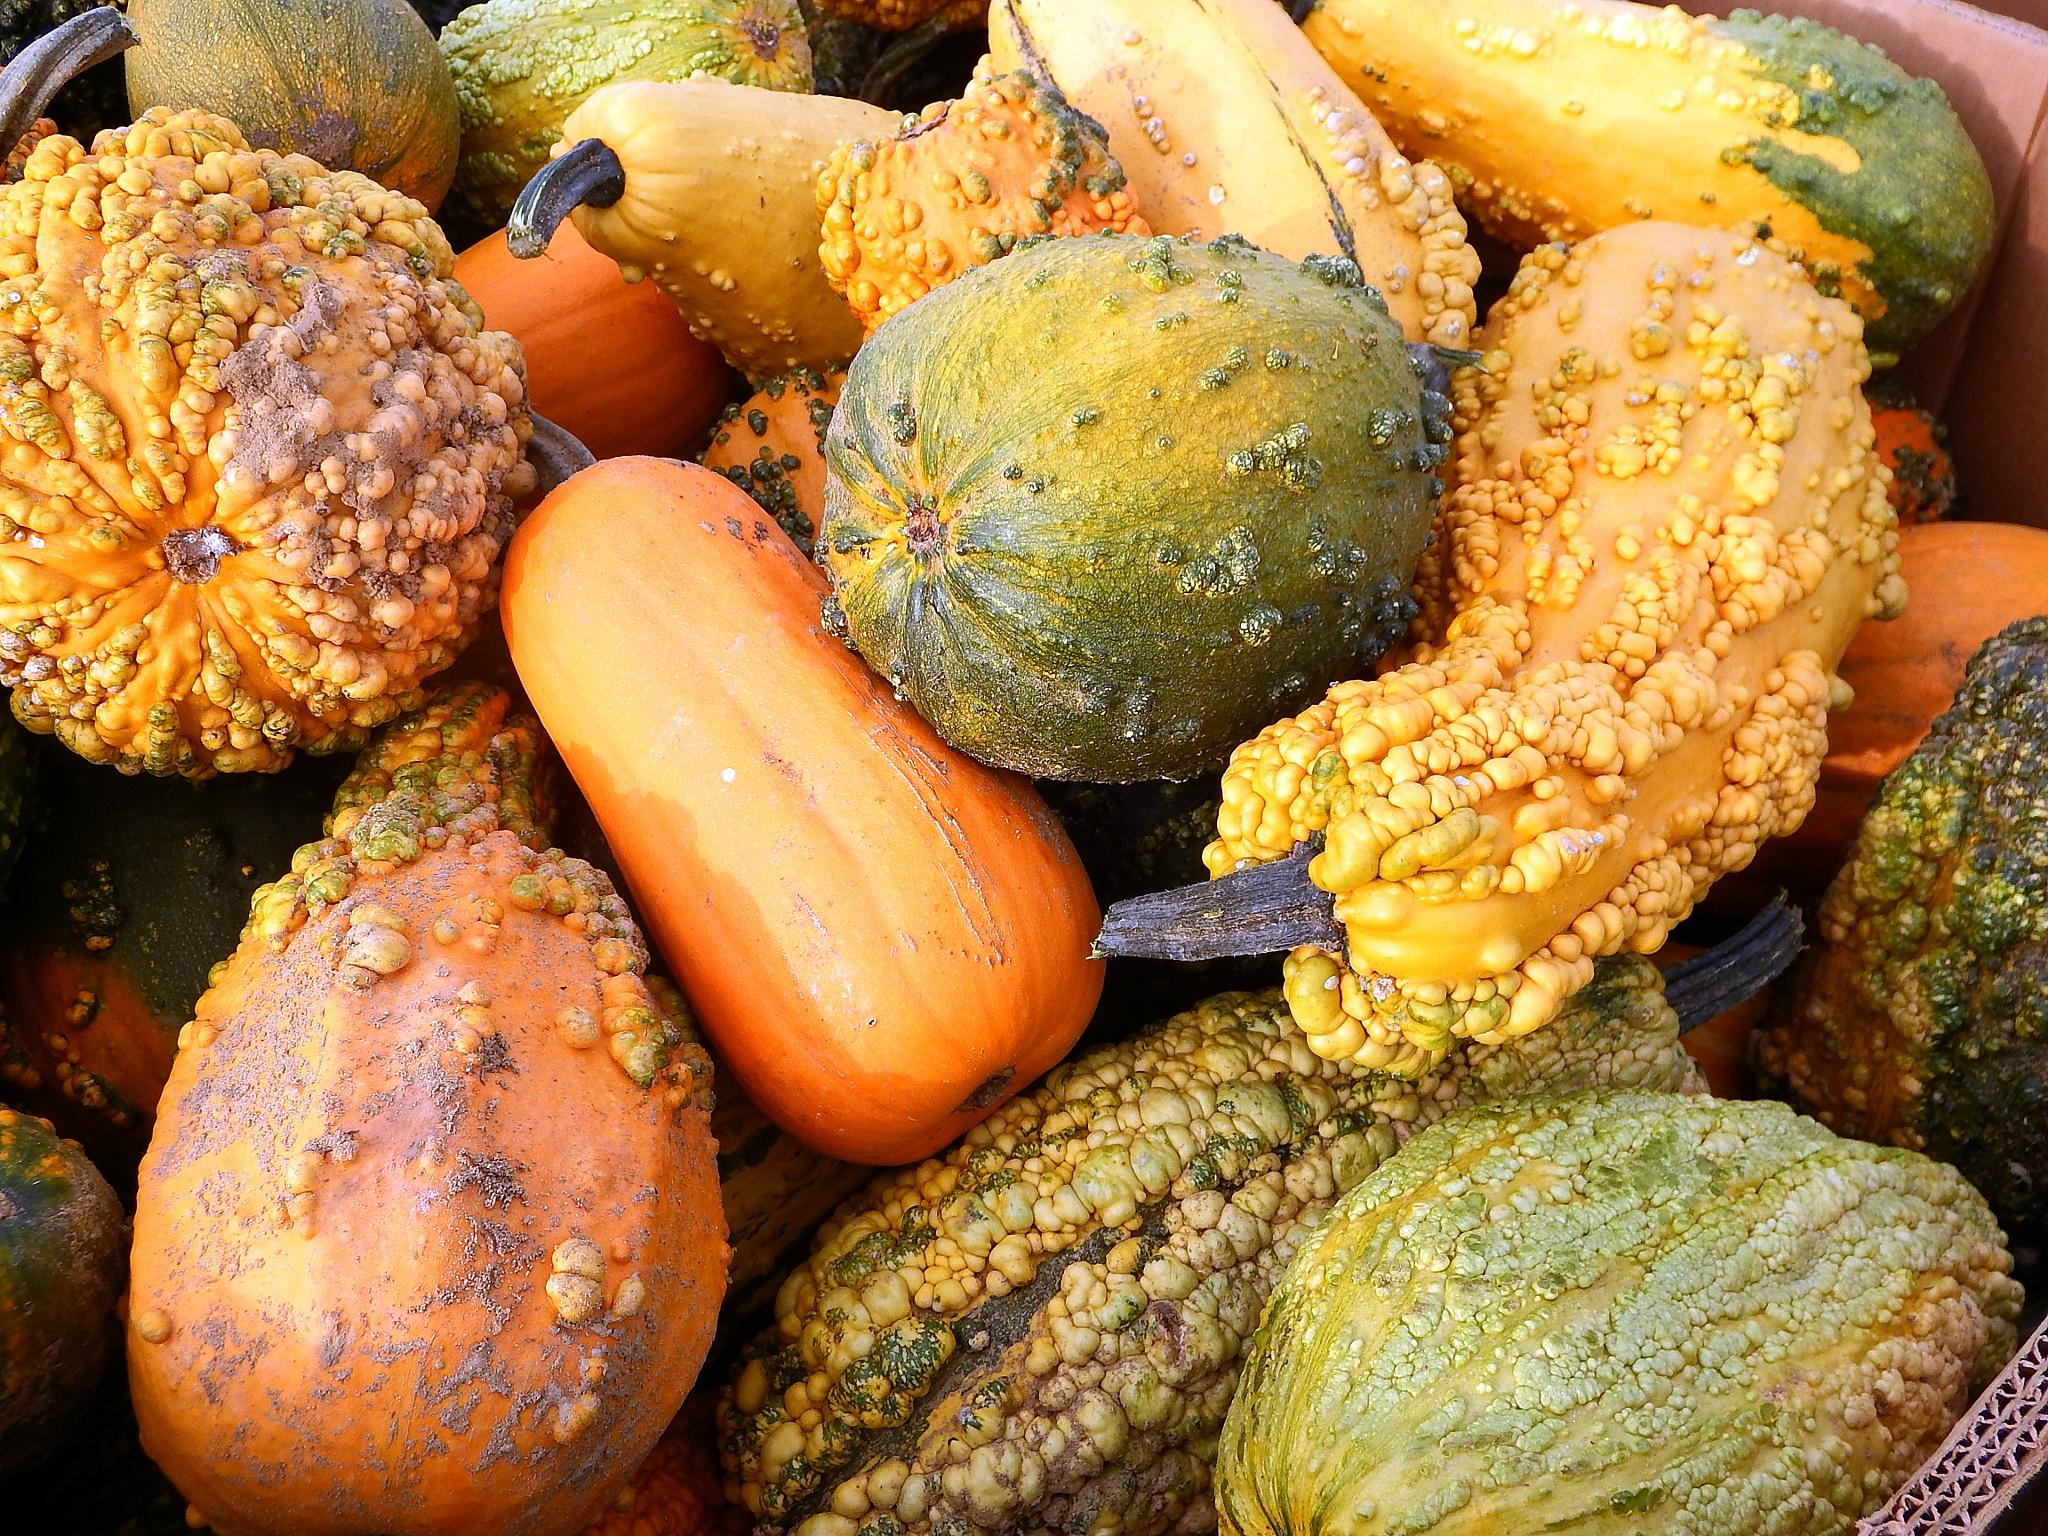 Lots of Gourds! by Antonette Stiebritz